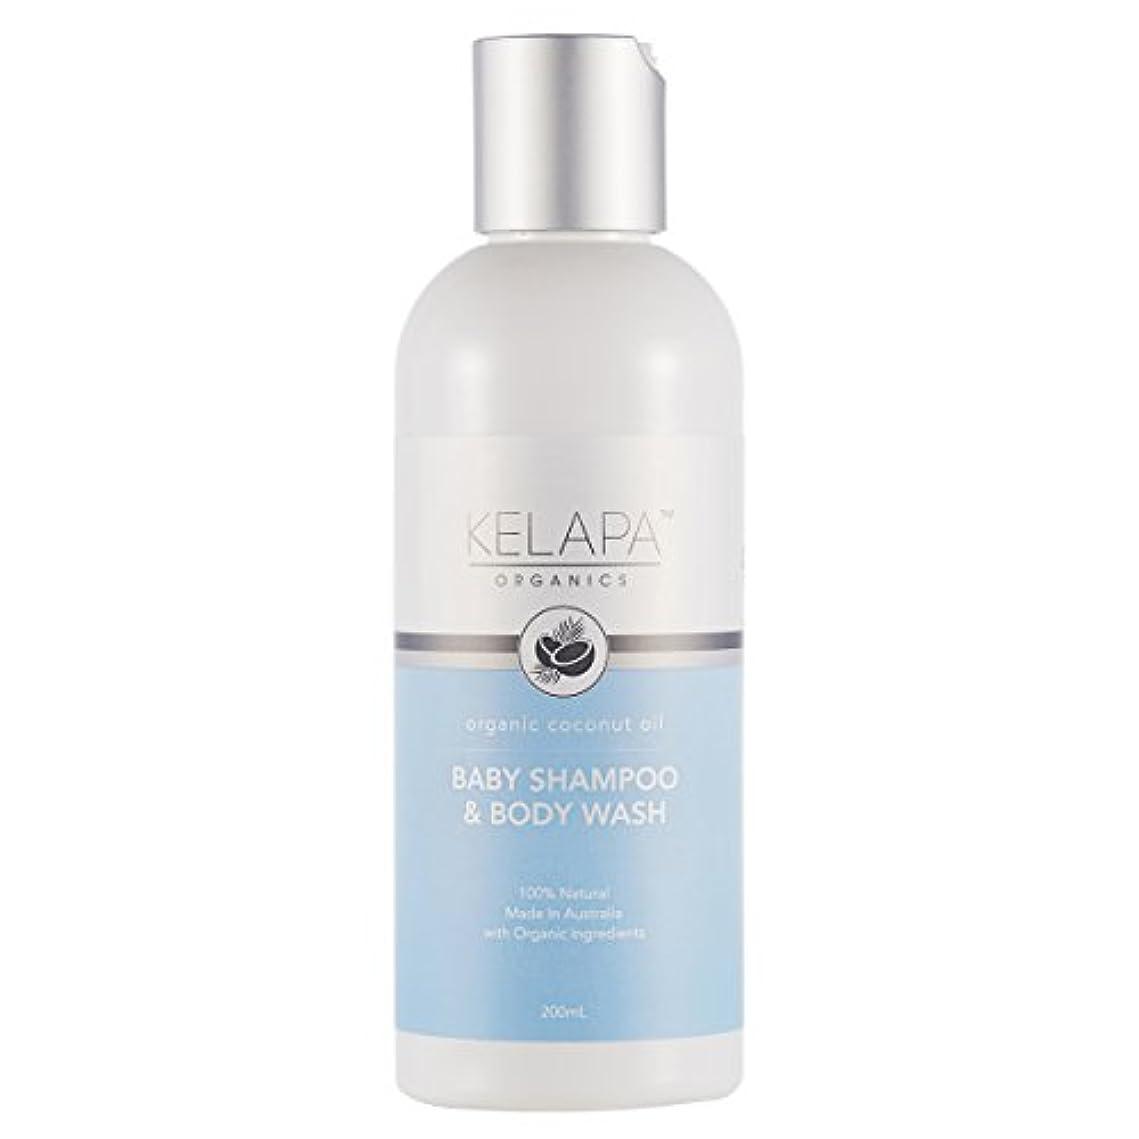 変装締め切り家主Kelapa Organics Baby Shampoo & Body Wash ベイビーシャンプー&ボディウォッシュ 200ml